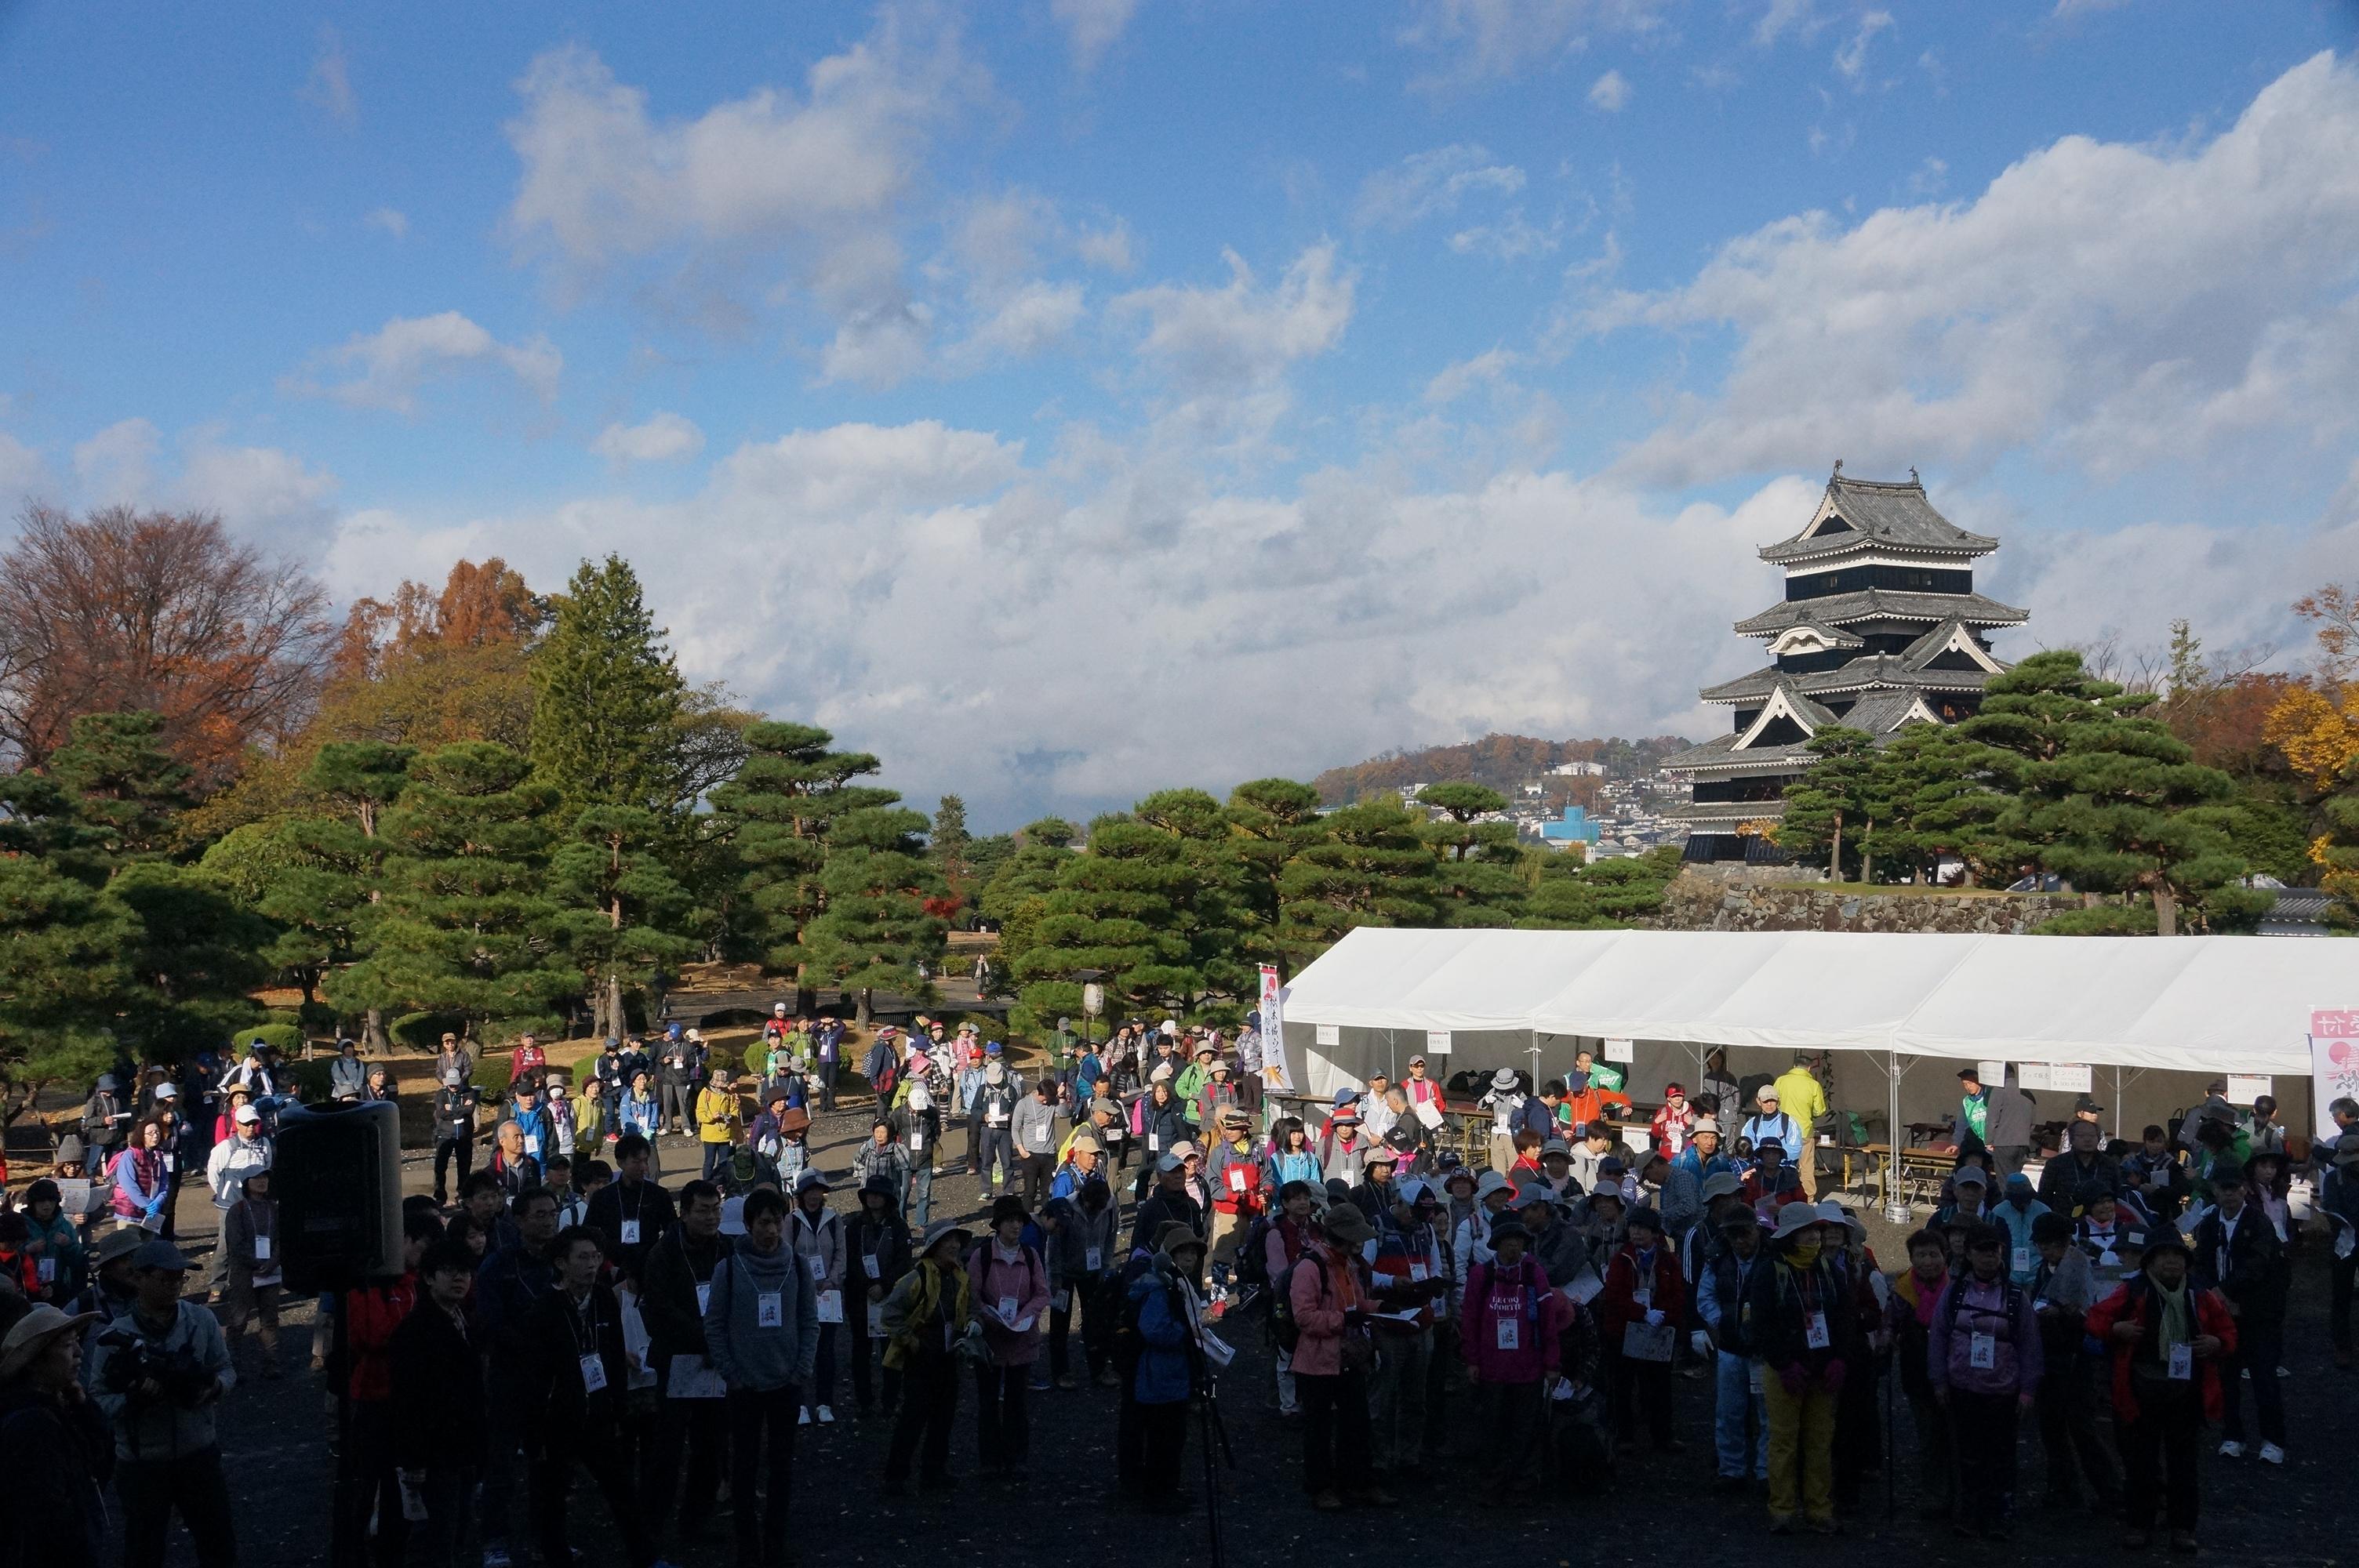 松本城ウオーク2020